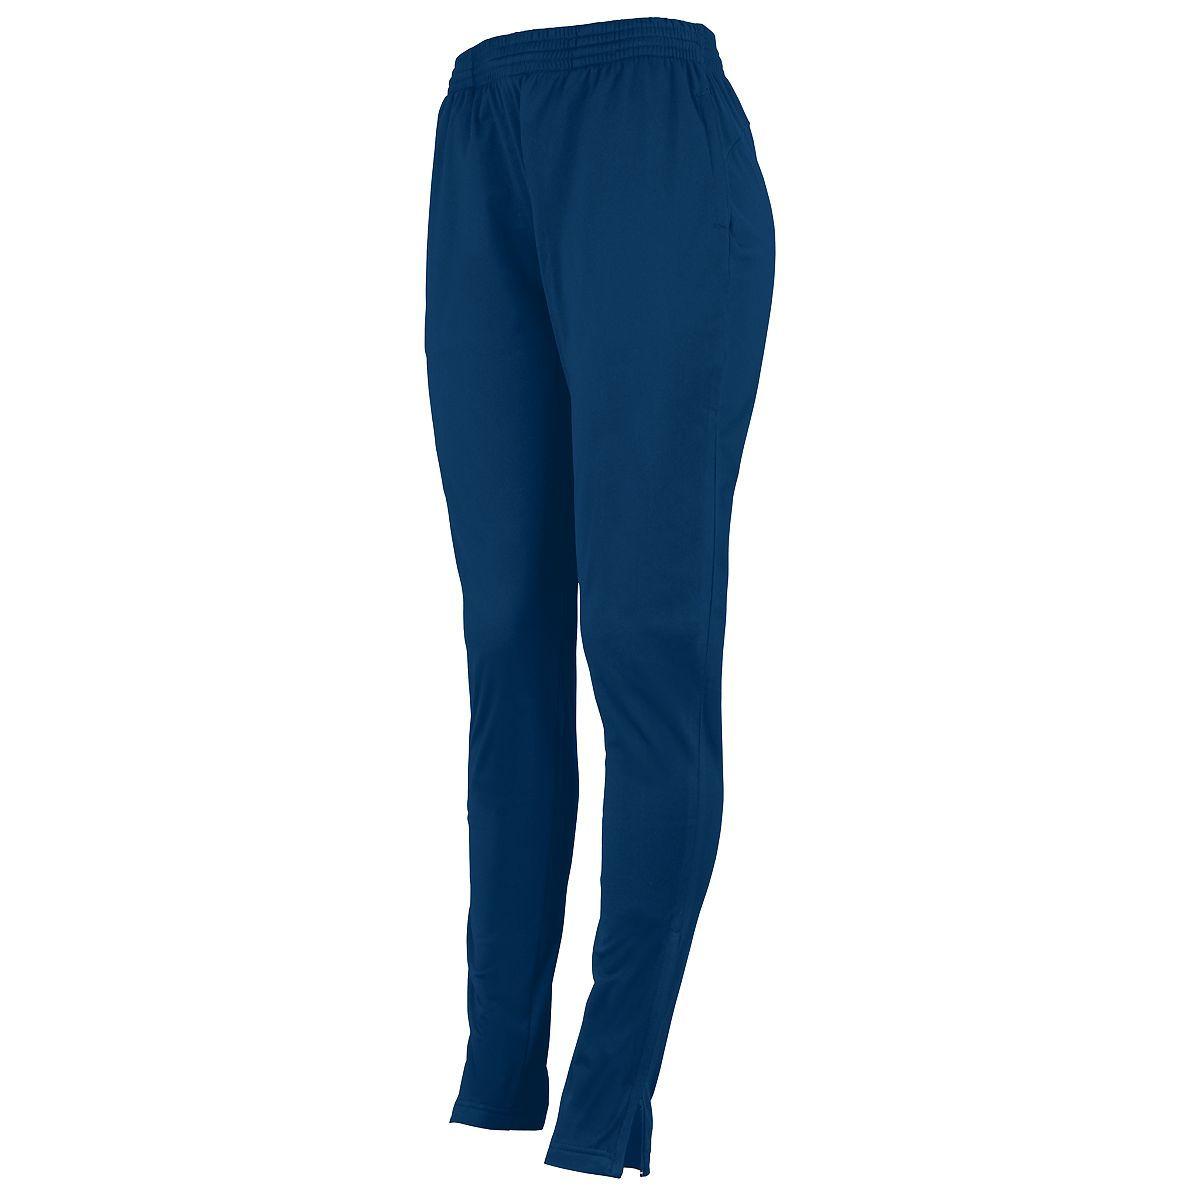 Ladies Tapered Leg Pant - NAVY